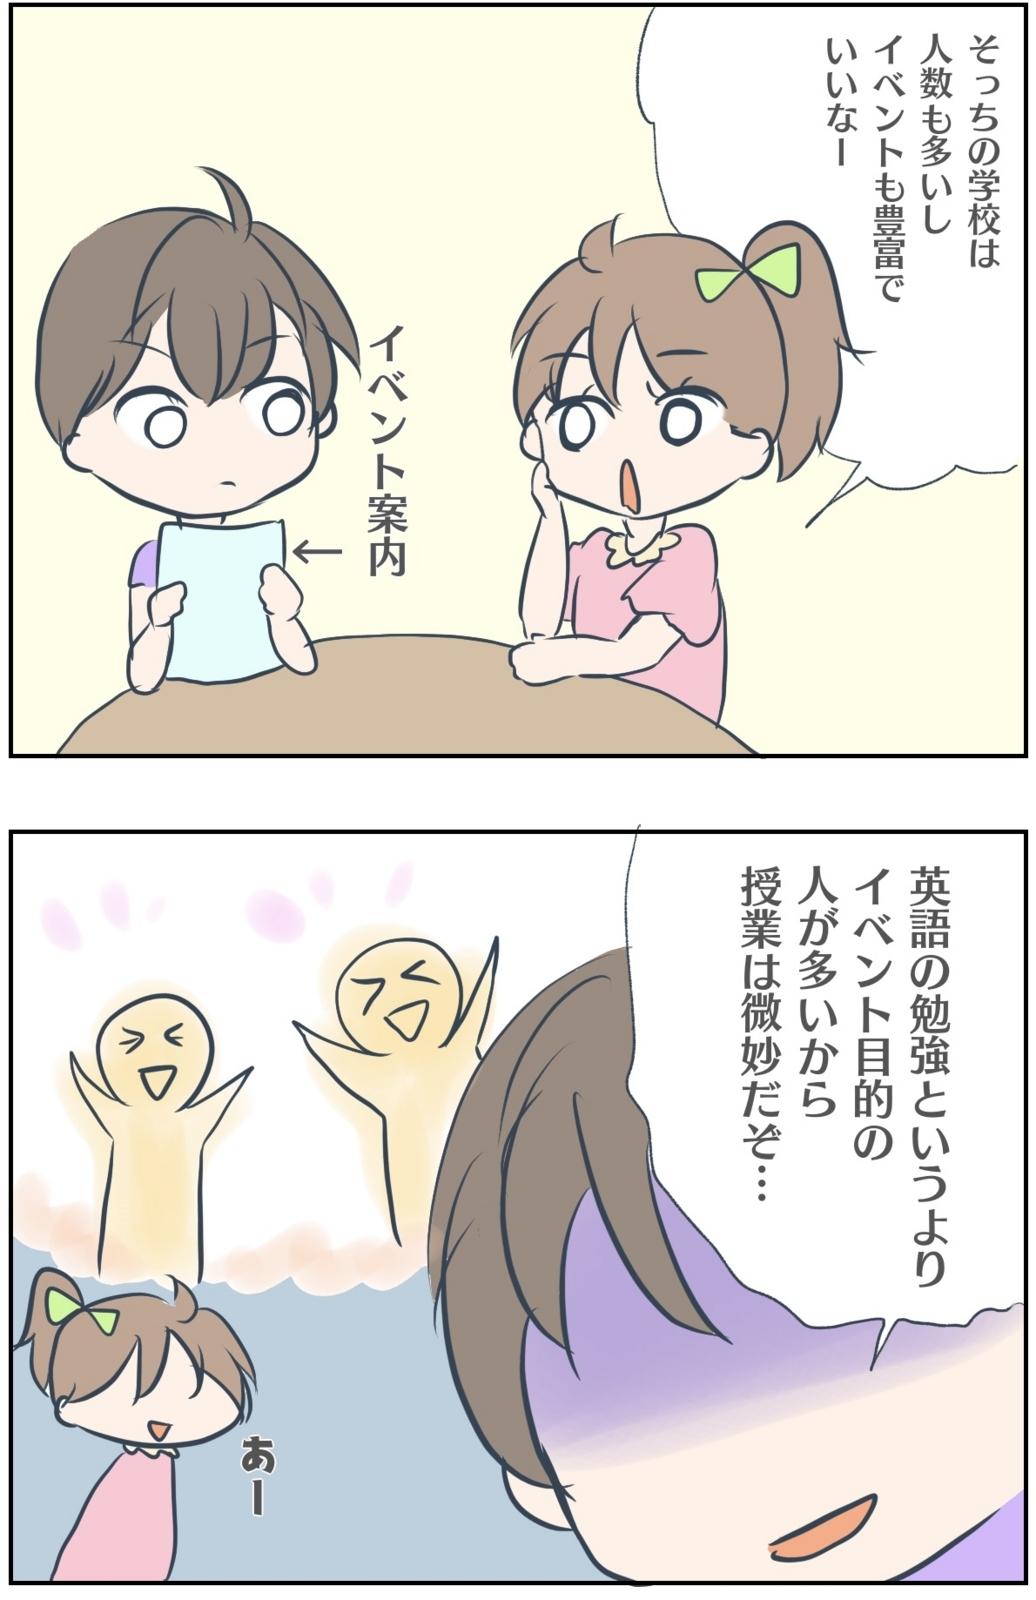 語学学校の違いに関する漫画